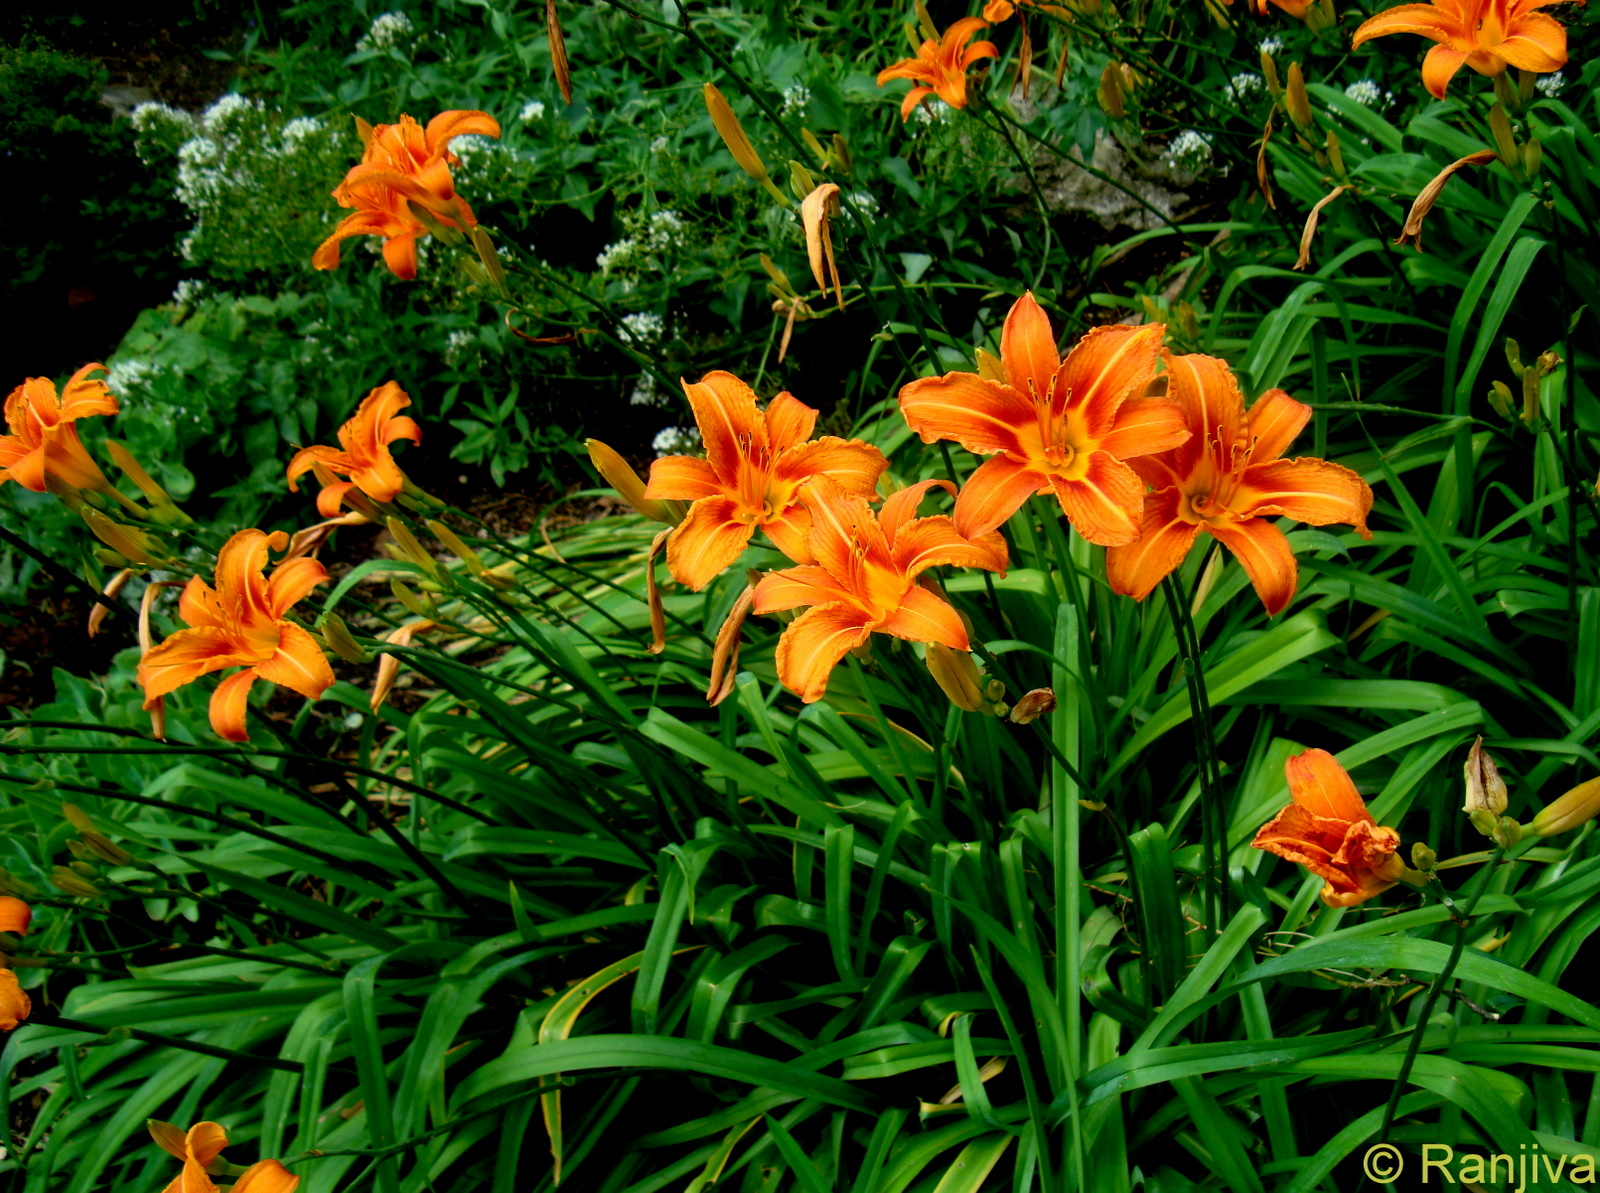 mais les lys l\u0027ont été tout autant, les grecs considéraient cette fleur  comme la fleur des fleurs car elle est l\u0027emblème de la création universelle.